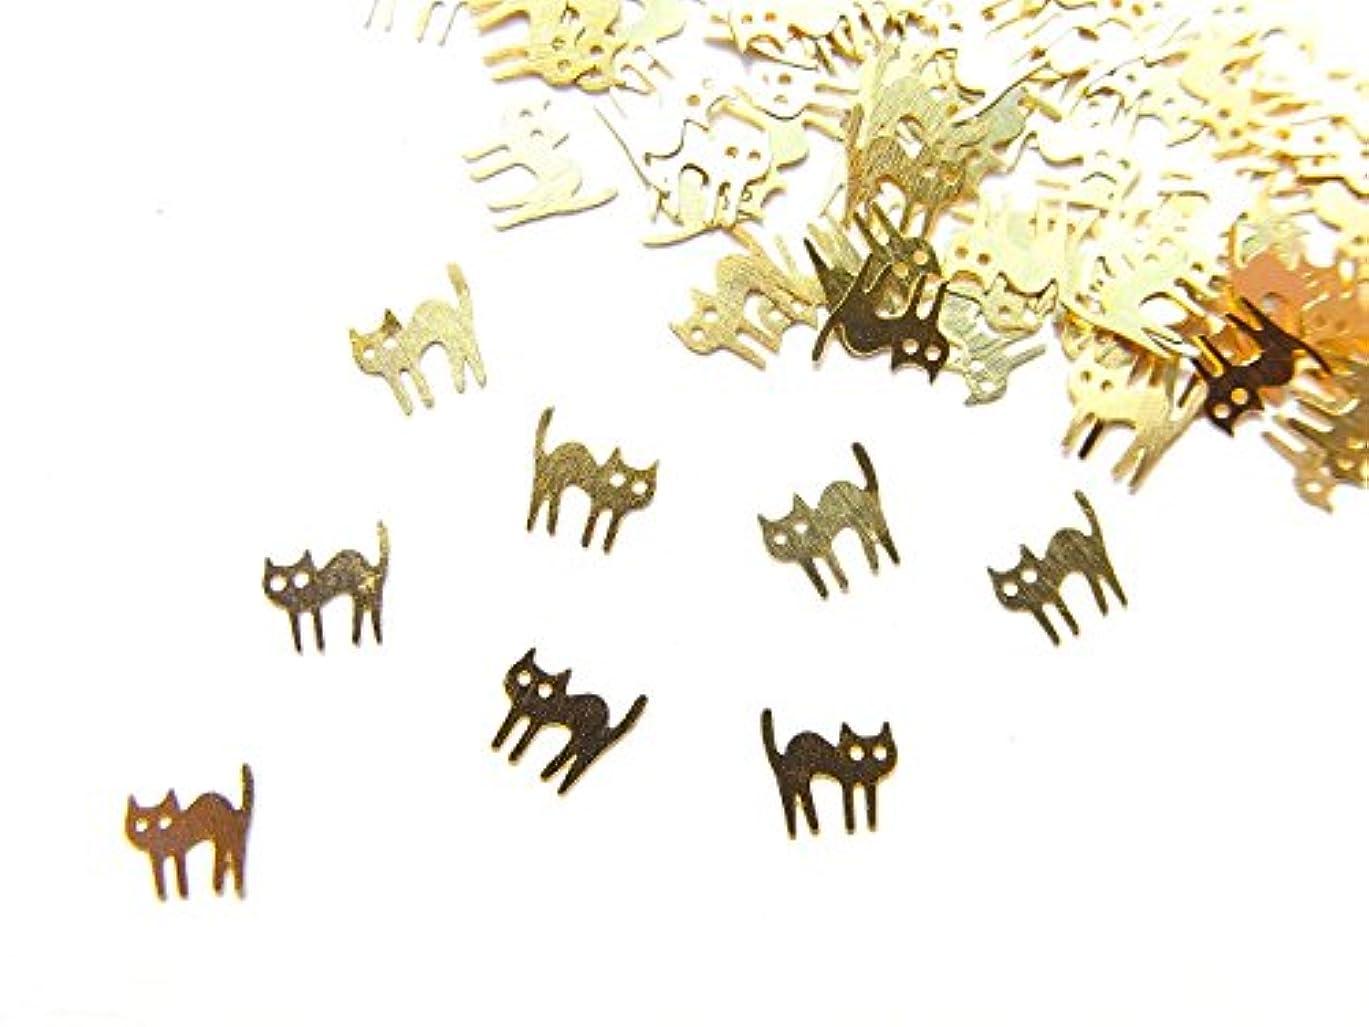 晩ごはん枕貪欲【jewel】ug23 薄型ゴールド メタルパーツ ネコ 猫B 10個入り ネイルアートパーツ レジンパーツ